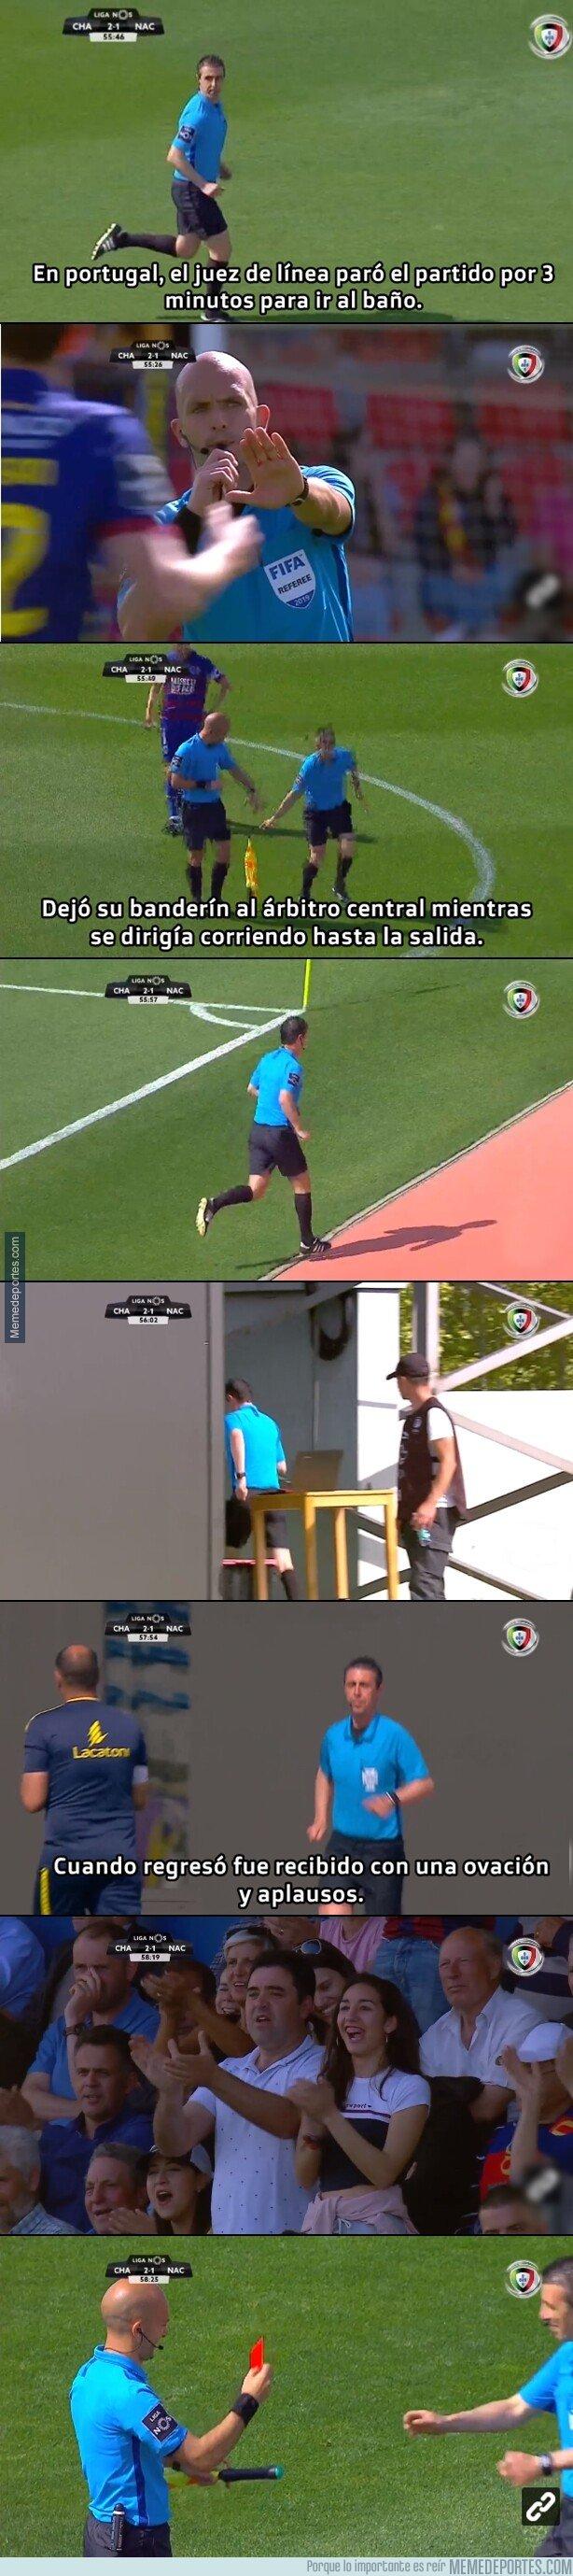 1073077 - En portugal un árbitro le dió un apretón y debió excusarse por 3 minutos